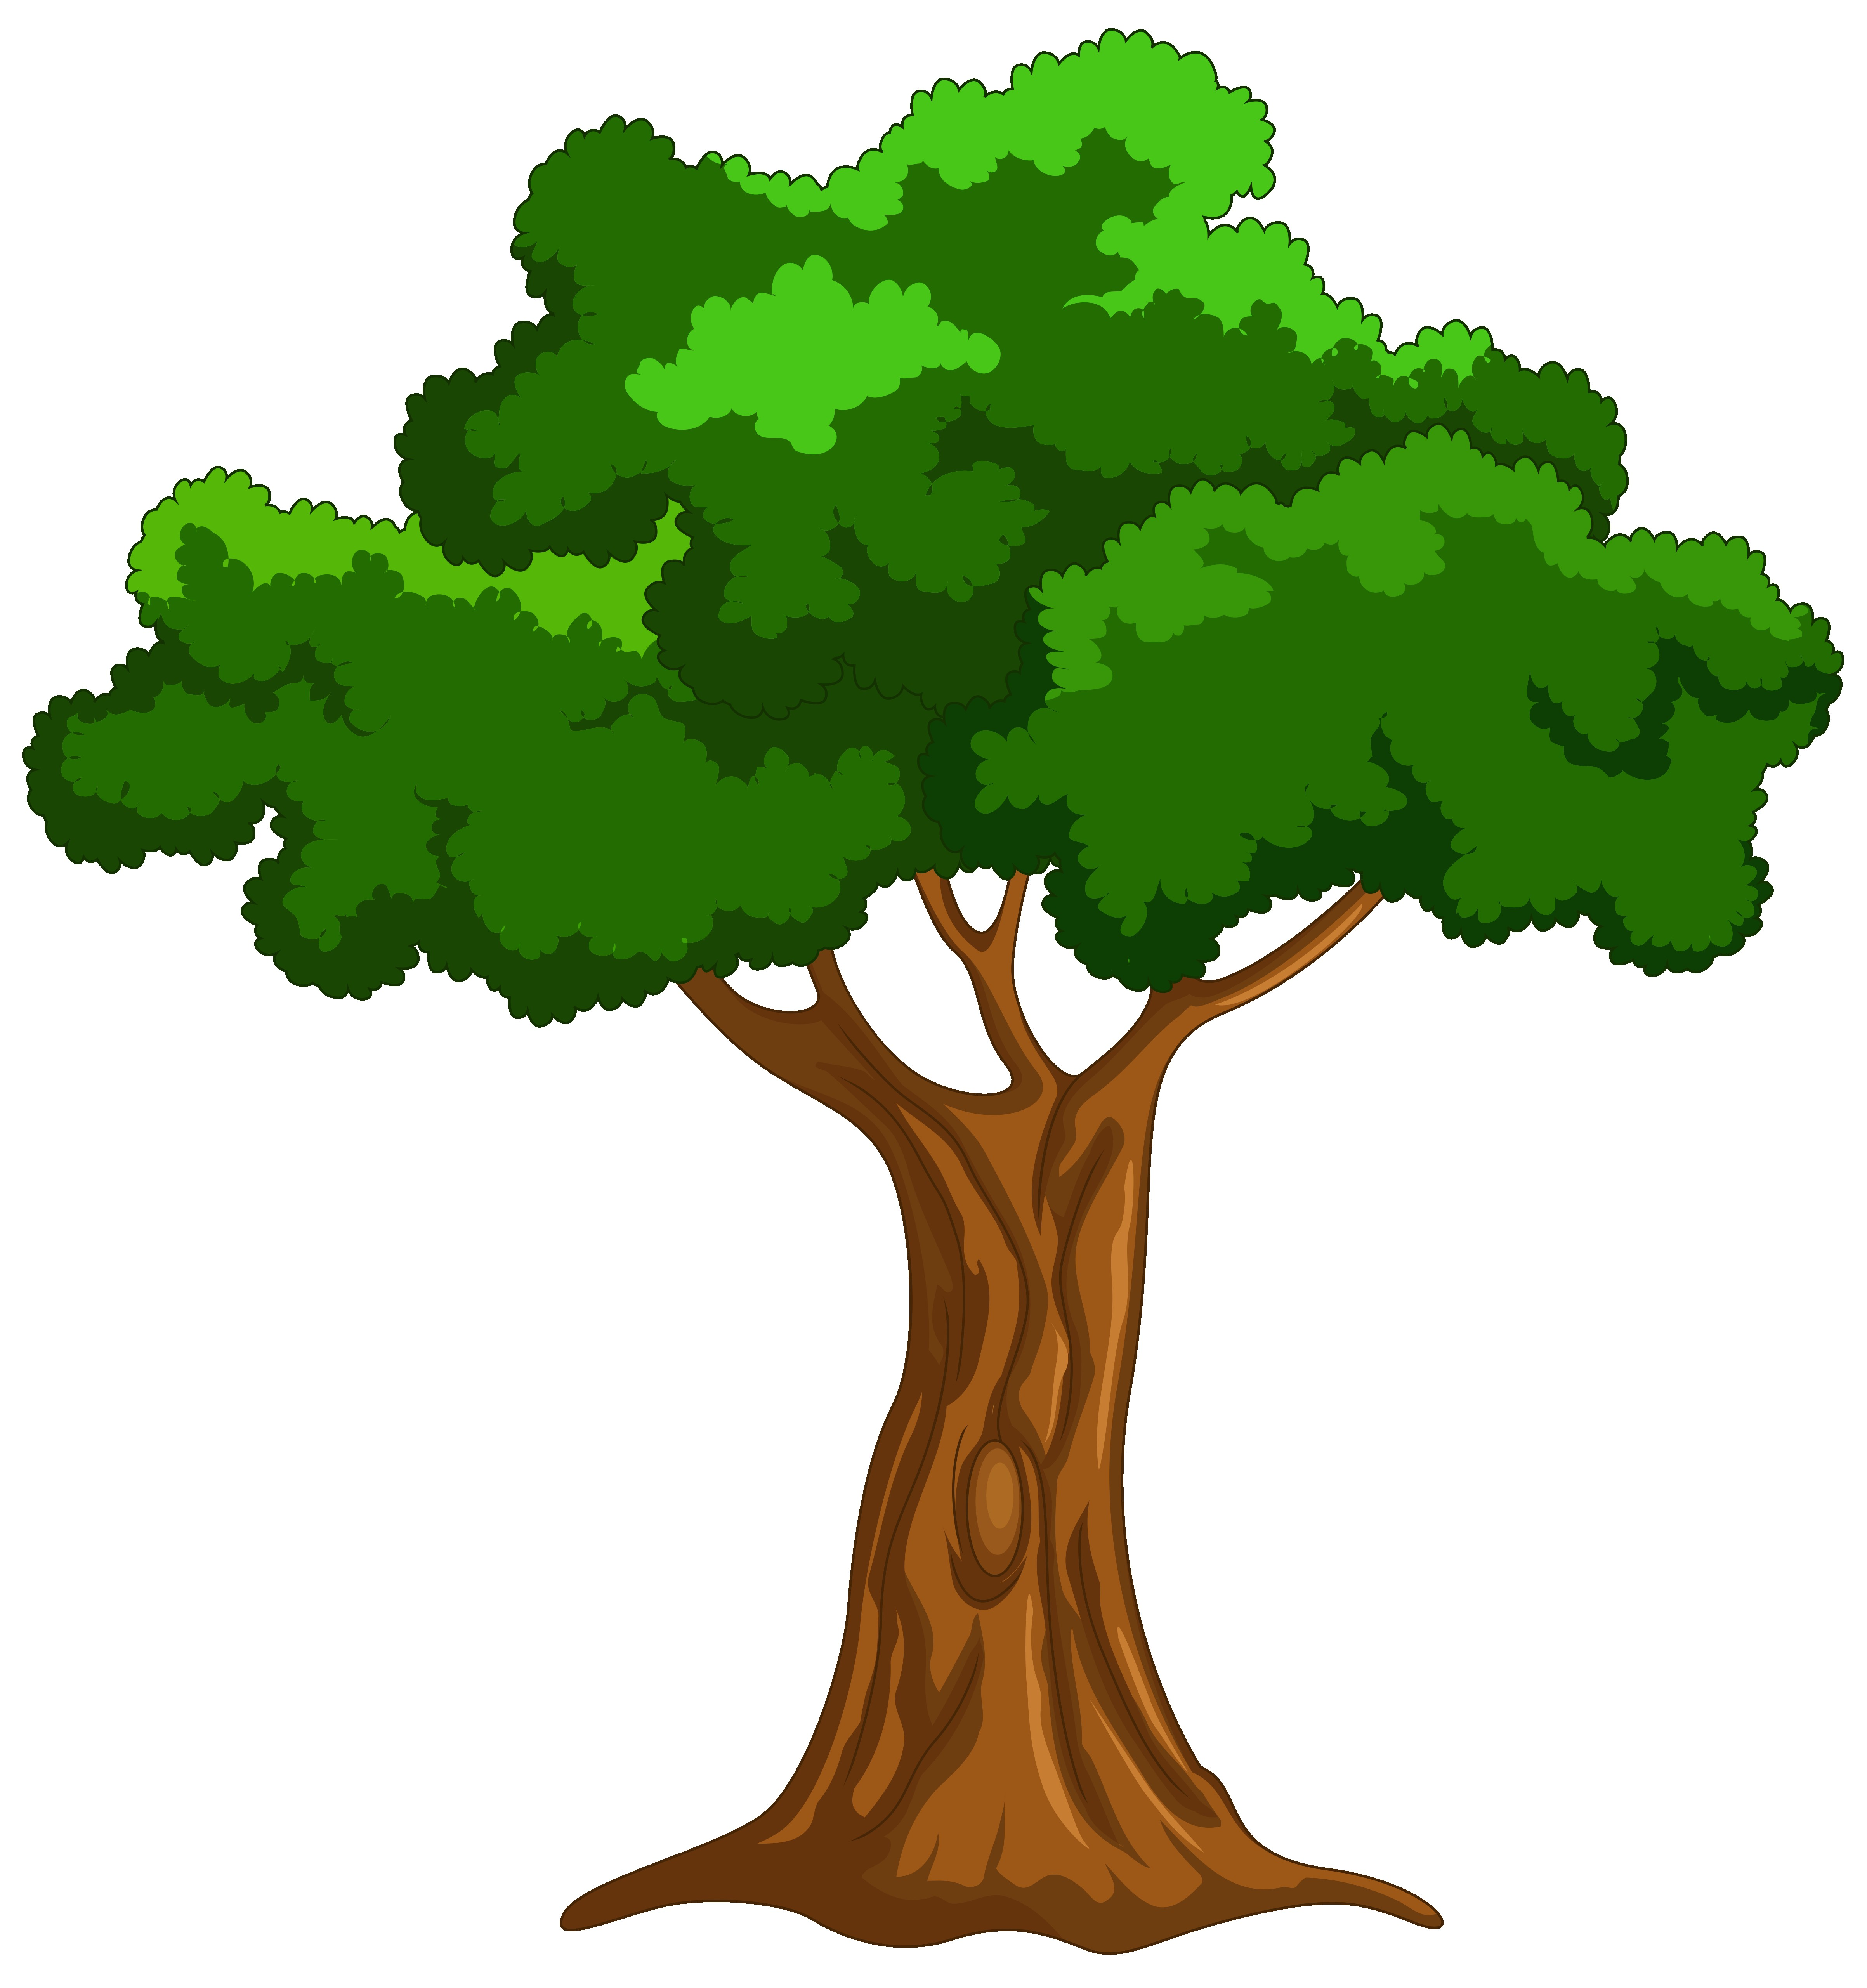 Acacia Tree Clipart at GetDrawings.com.